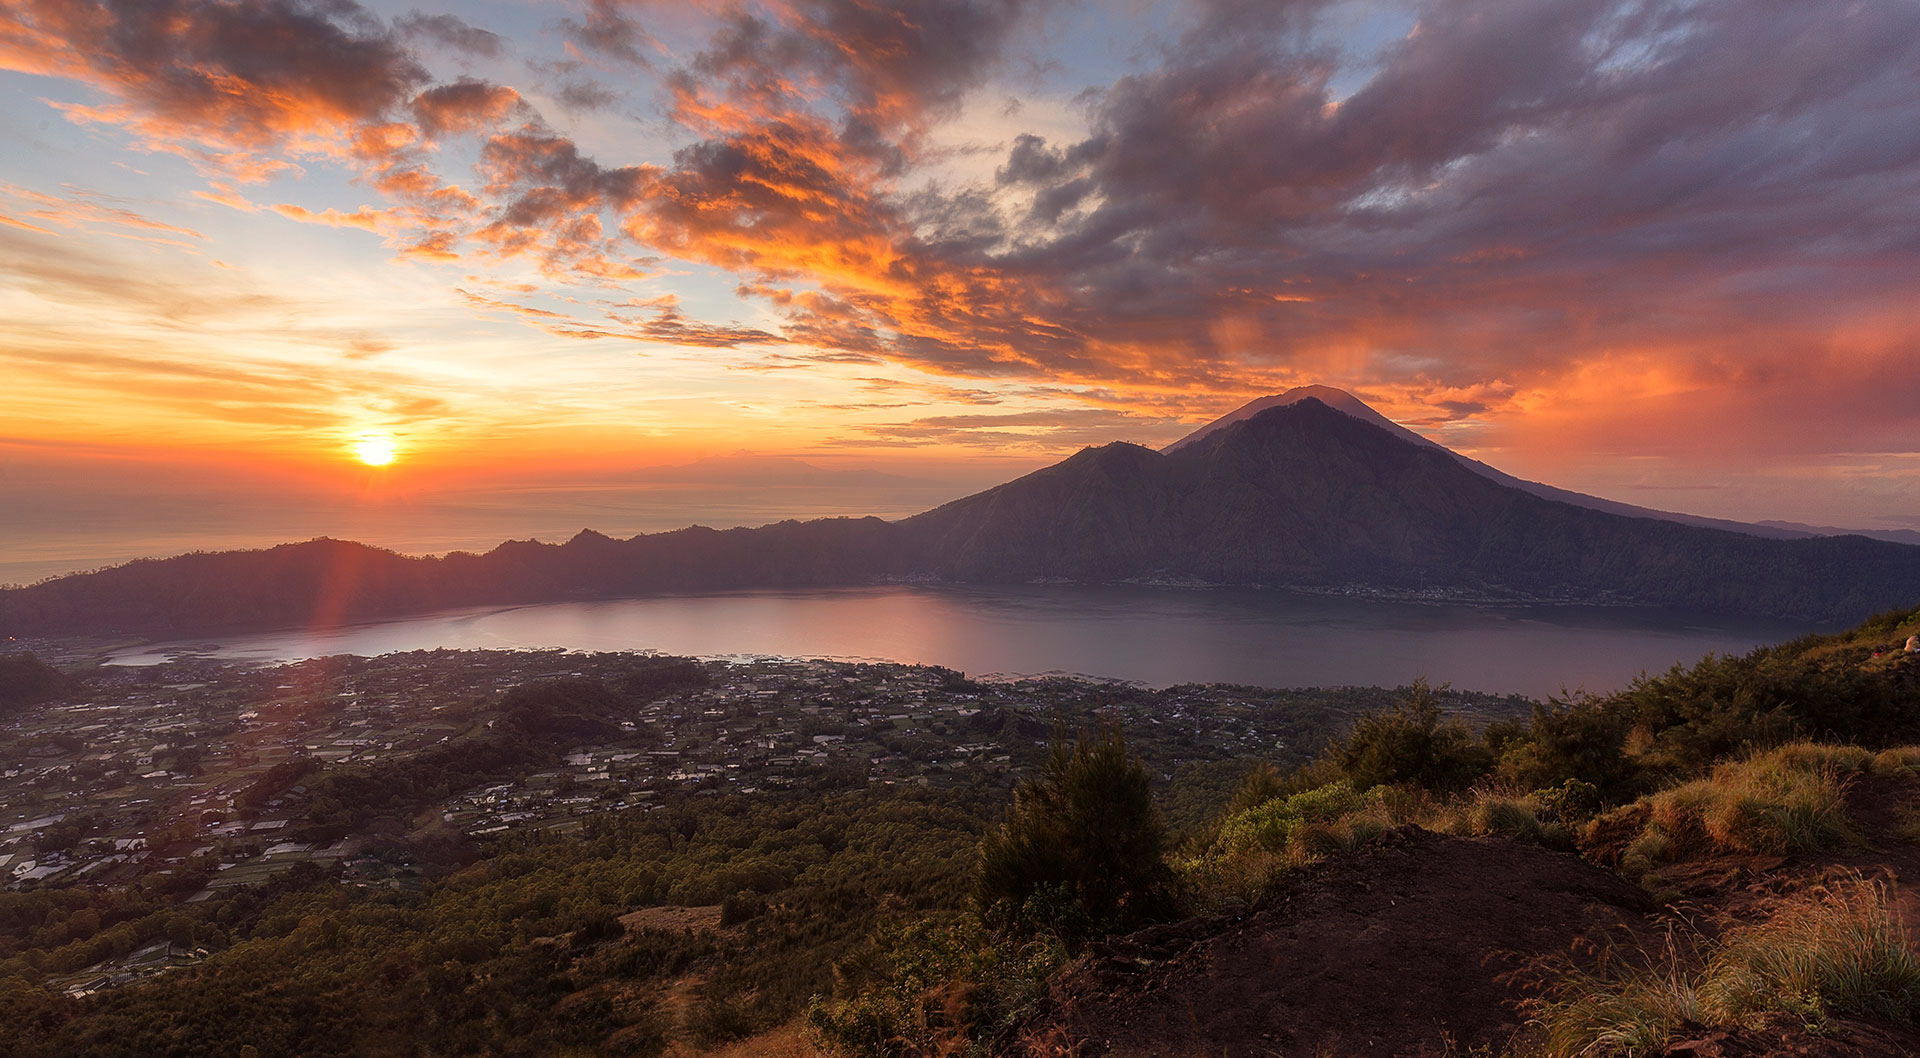 Su última erupción fue durante 2017, precisamente el 21 de noviembre, donde alrededor de 100 mil personas debieron ser evacuadas. Según creencias locales, es una réplica del monte Meru, eje central del universo